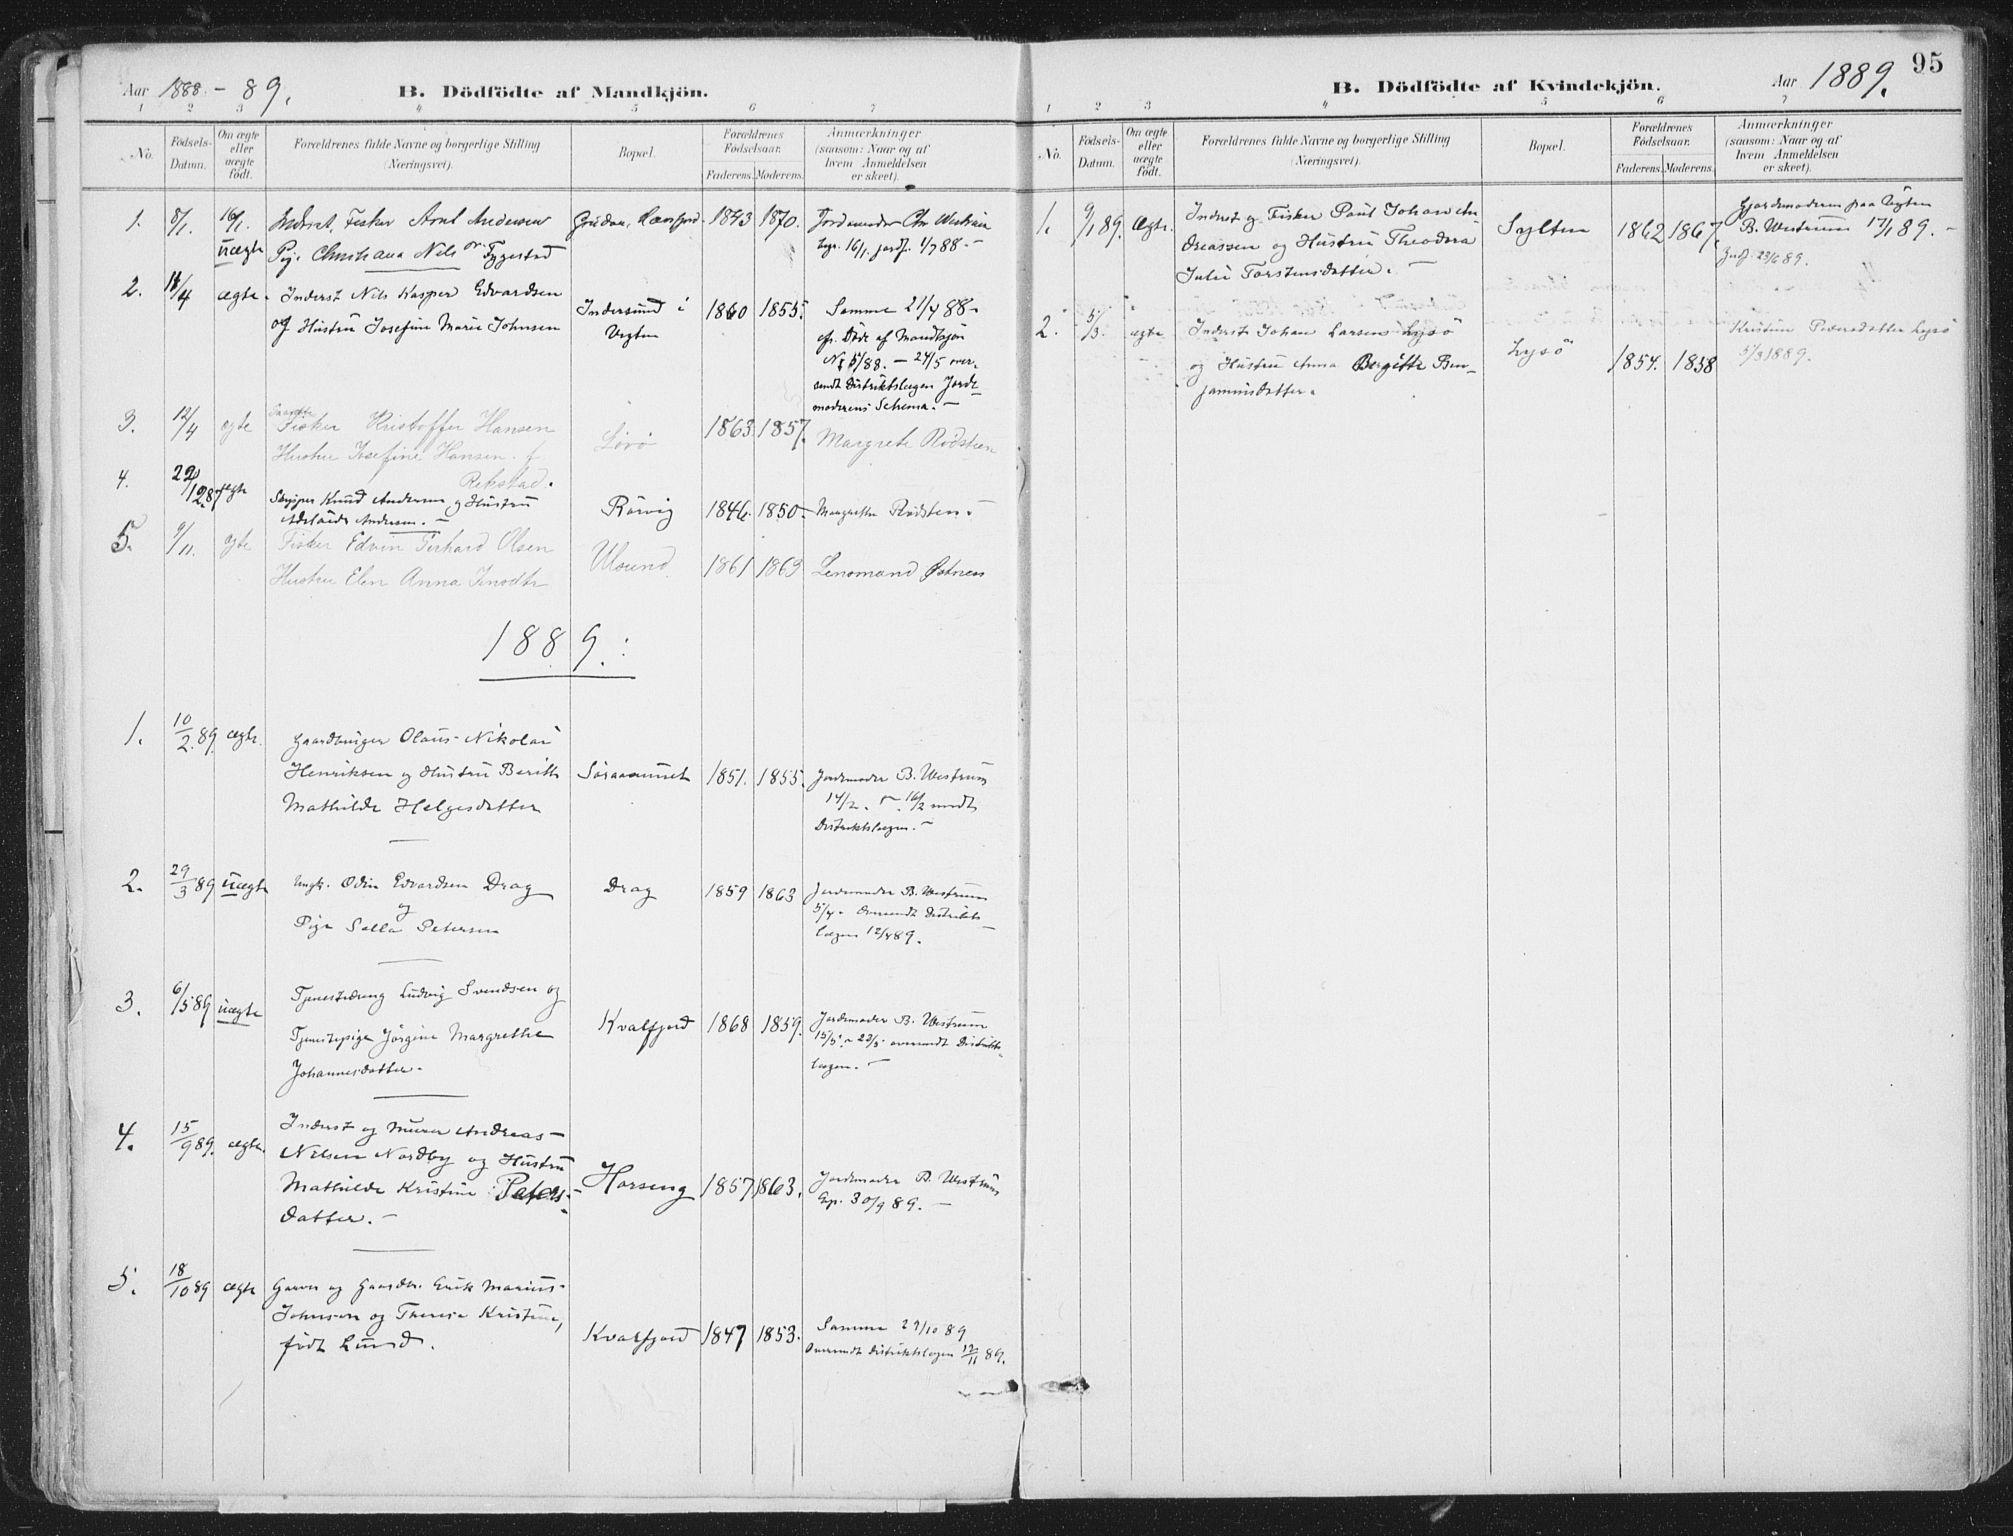 SAT, Ministerialprotokoller, klokkerbøker og fødselsregistre - Nord-Trøndelag, 786/L0687: Ministerialbok nr. 786A03, 1888-1898, s. 95